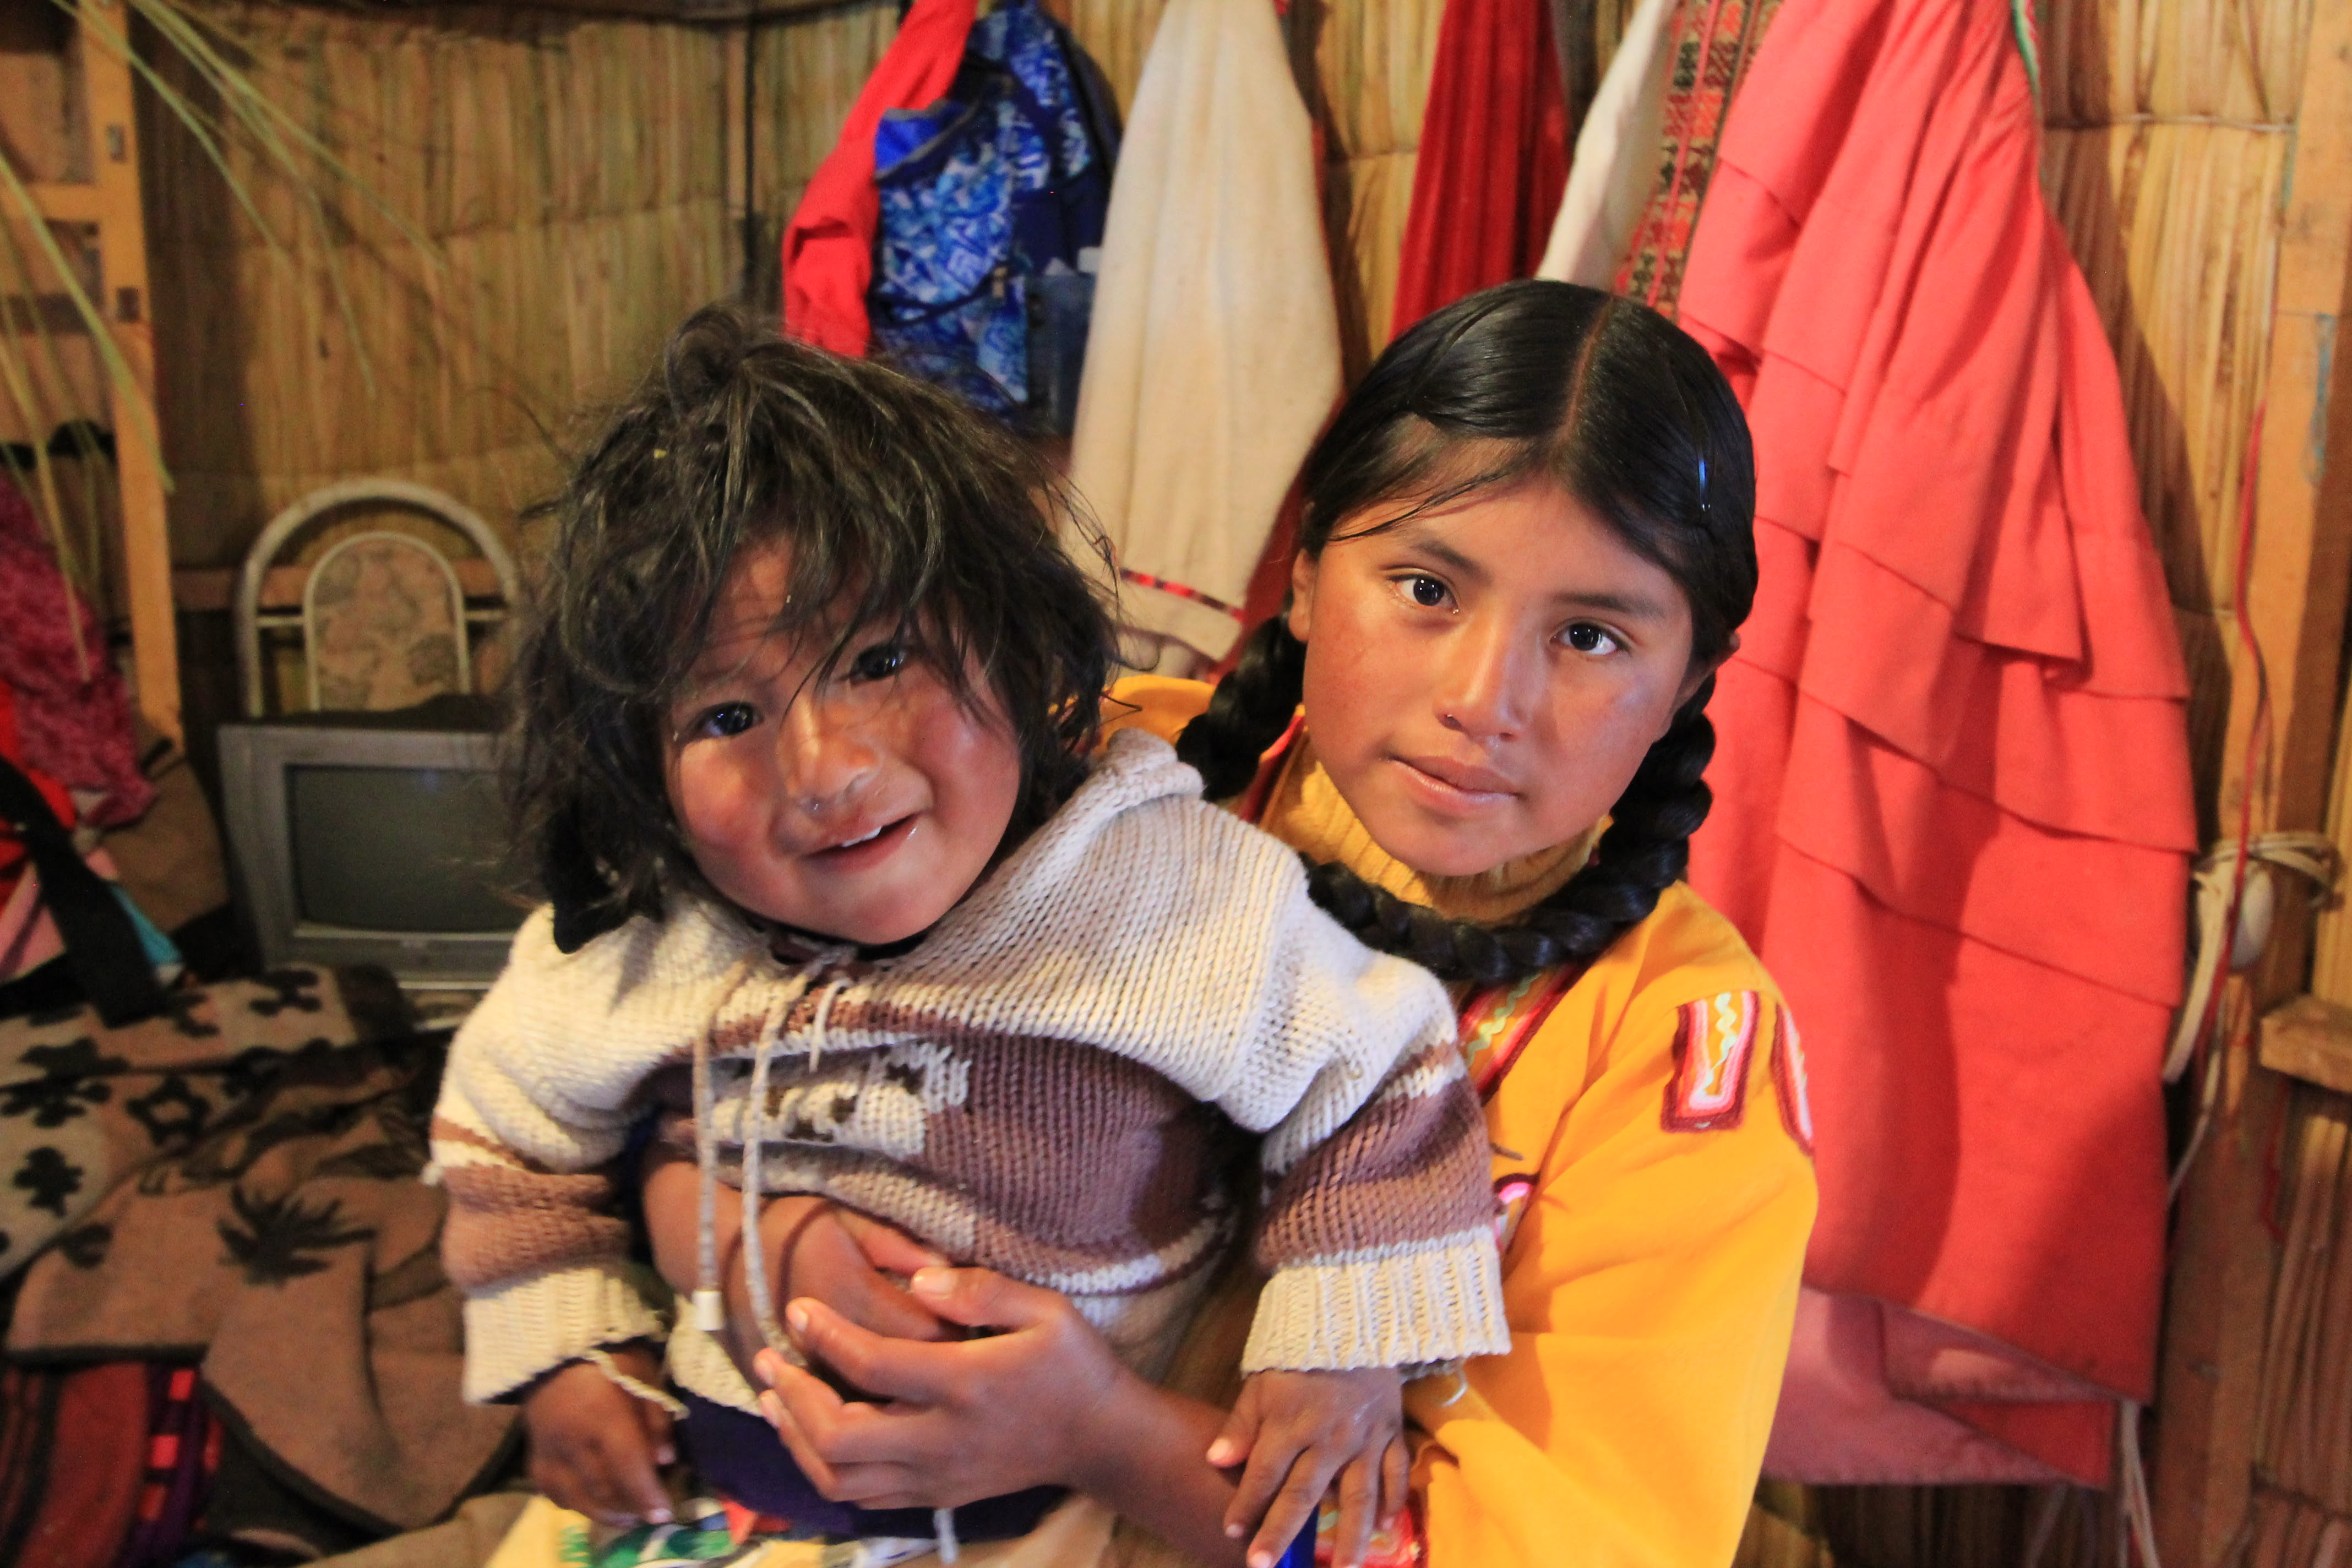 COSA VEDERE IN PERU', FOTO DI BAMBINI UROS SUL LAGO TITICACA